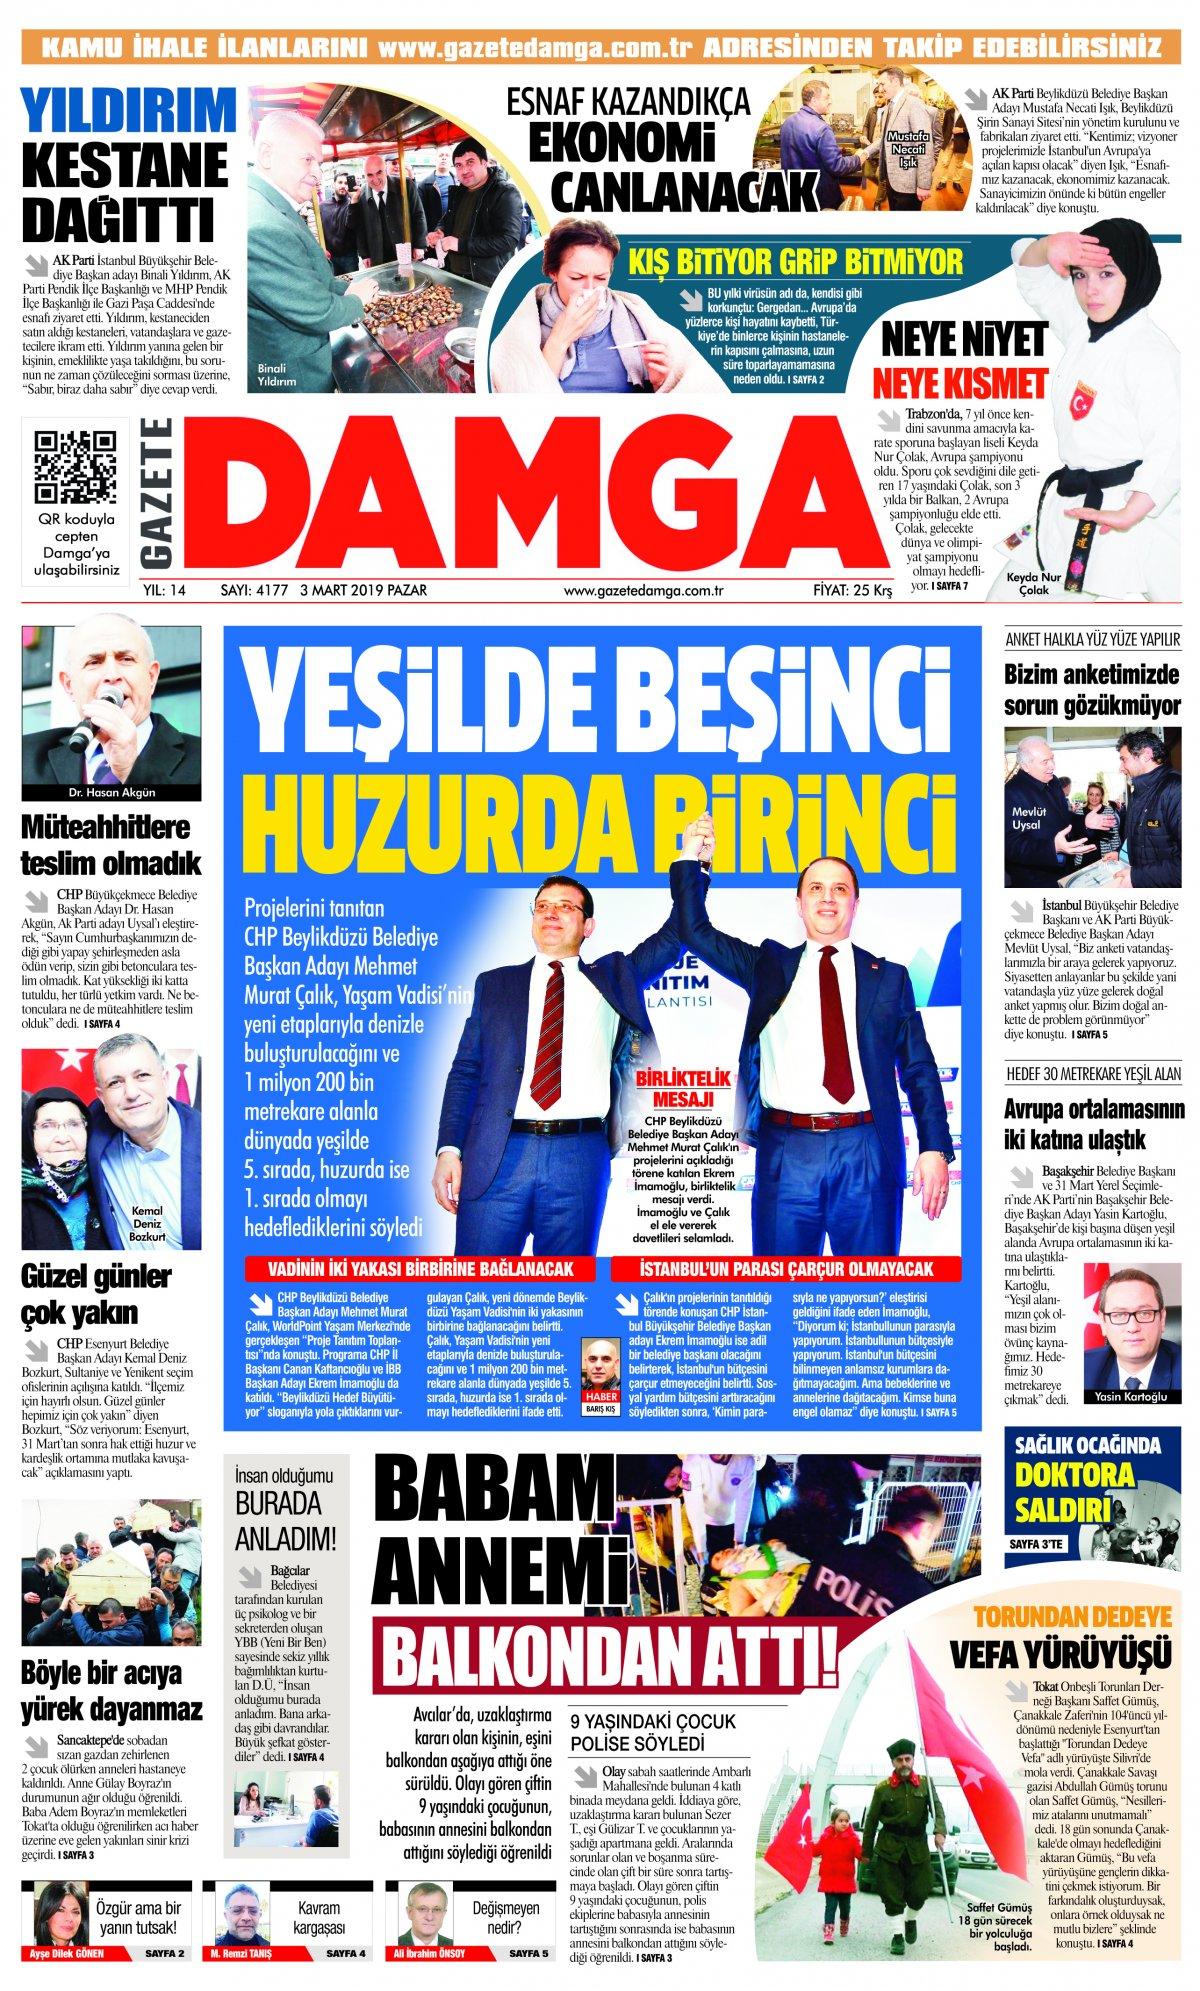 Gazete Damga - 03.03.2019 Sayfaları